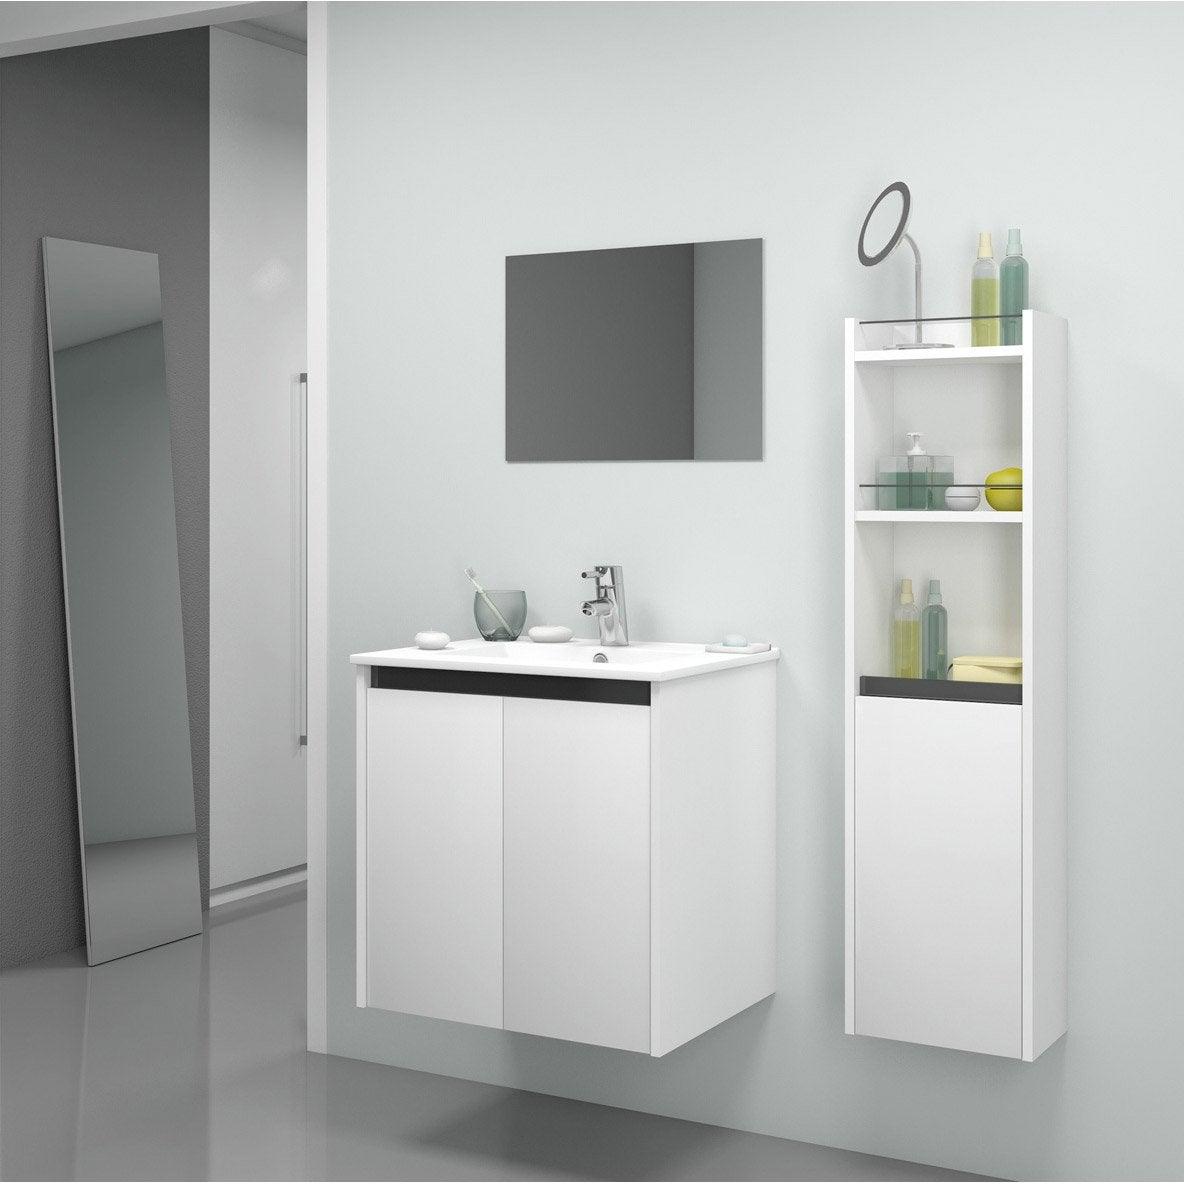 Meuble de salle de bain leroy merlin neo bains meubles - Meuble d angle salle de bain leroy merlin ...